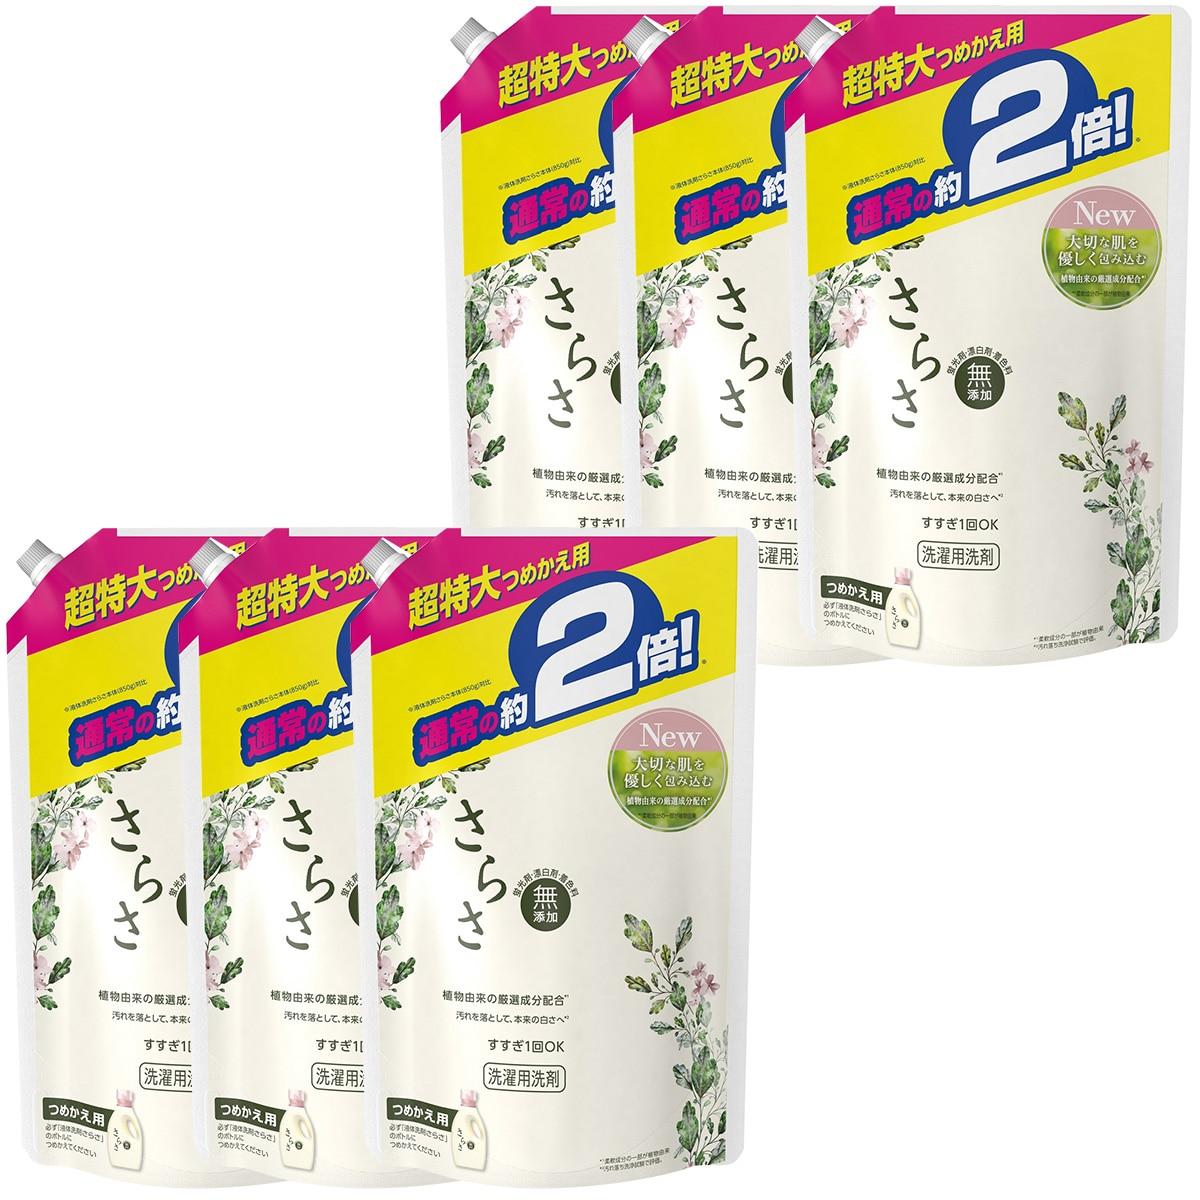 P&G さらさ 無添加 植物由来の成分入り 洗濯洗剤 液体 詰め替え 約2倍(1640g)×6袋